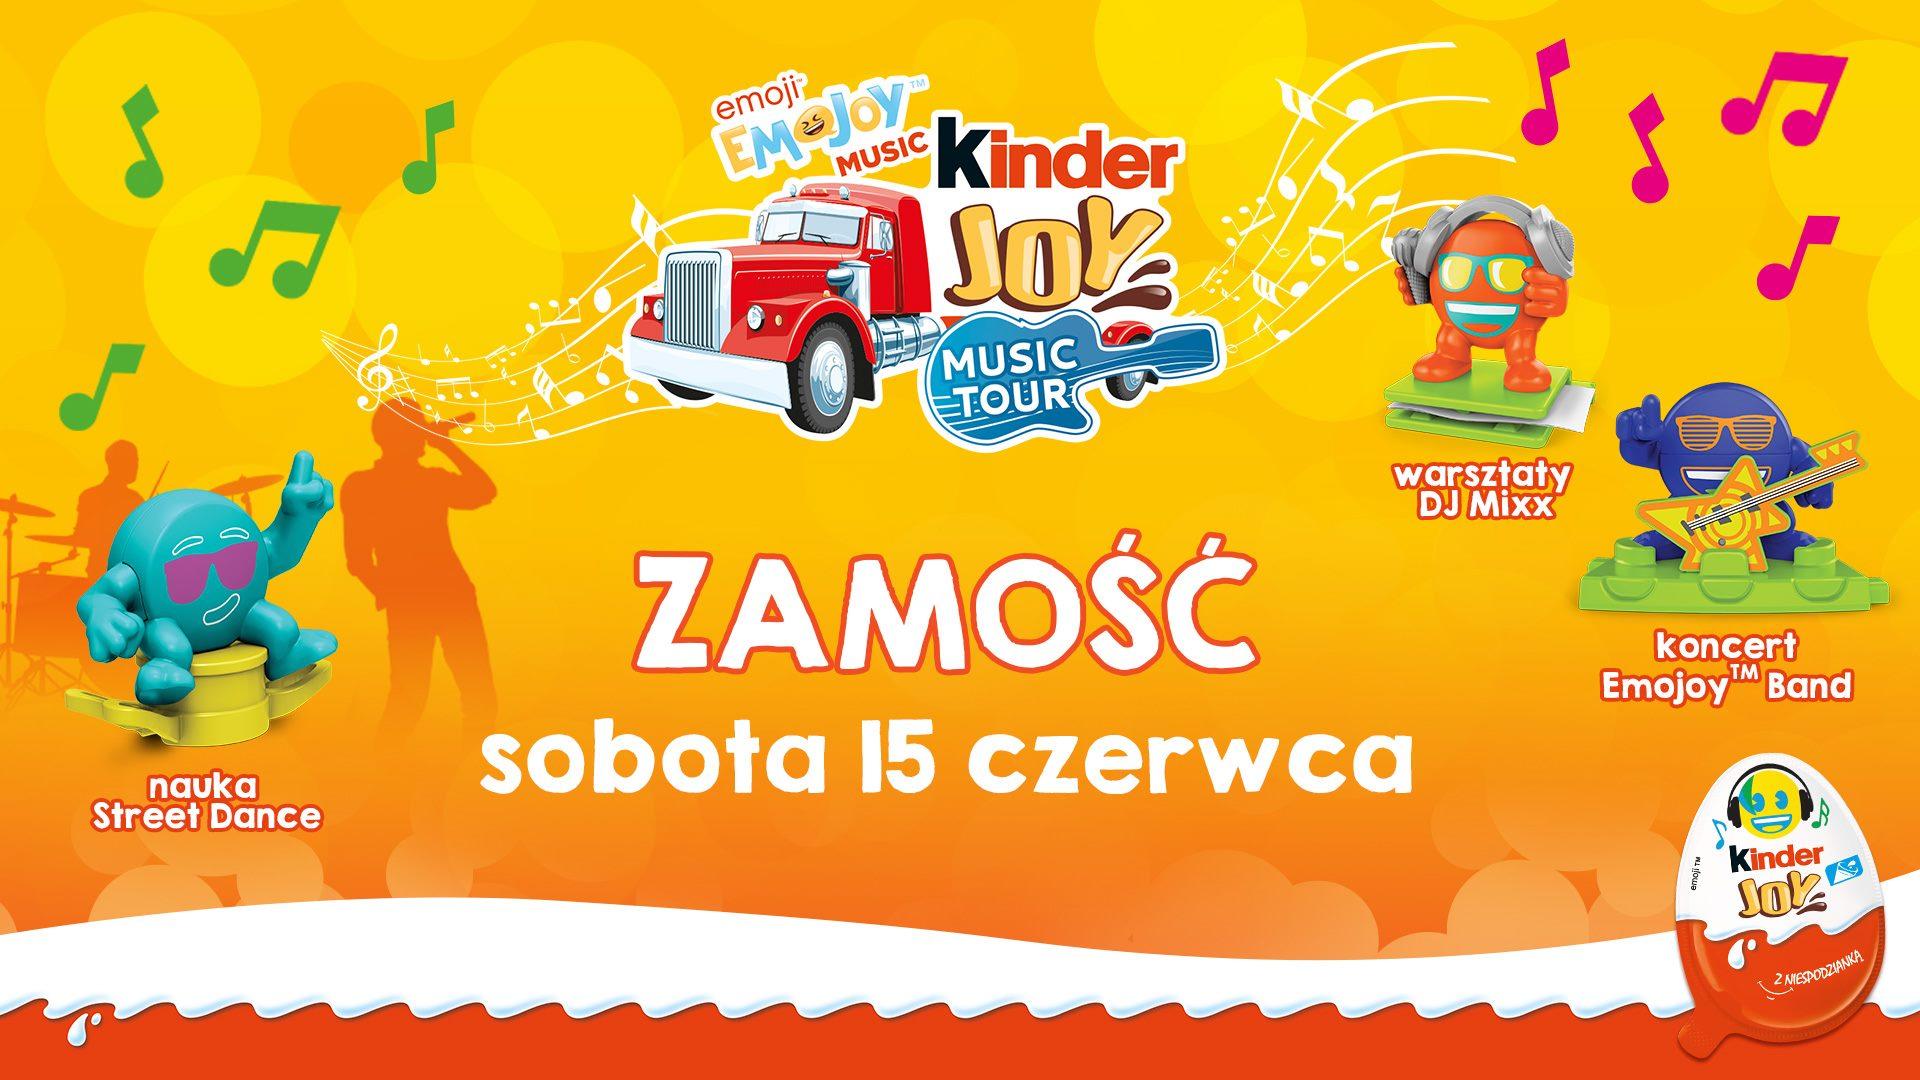 59846904 10156726890763451 5847221648469524480 o Kinder Joy Road Show ponownie w Zamościu